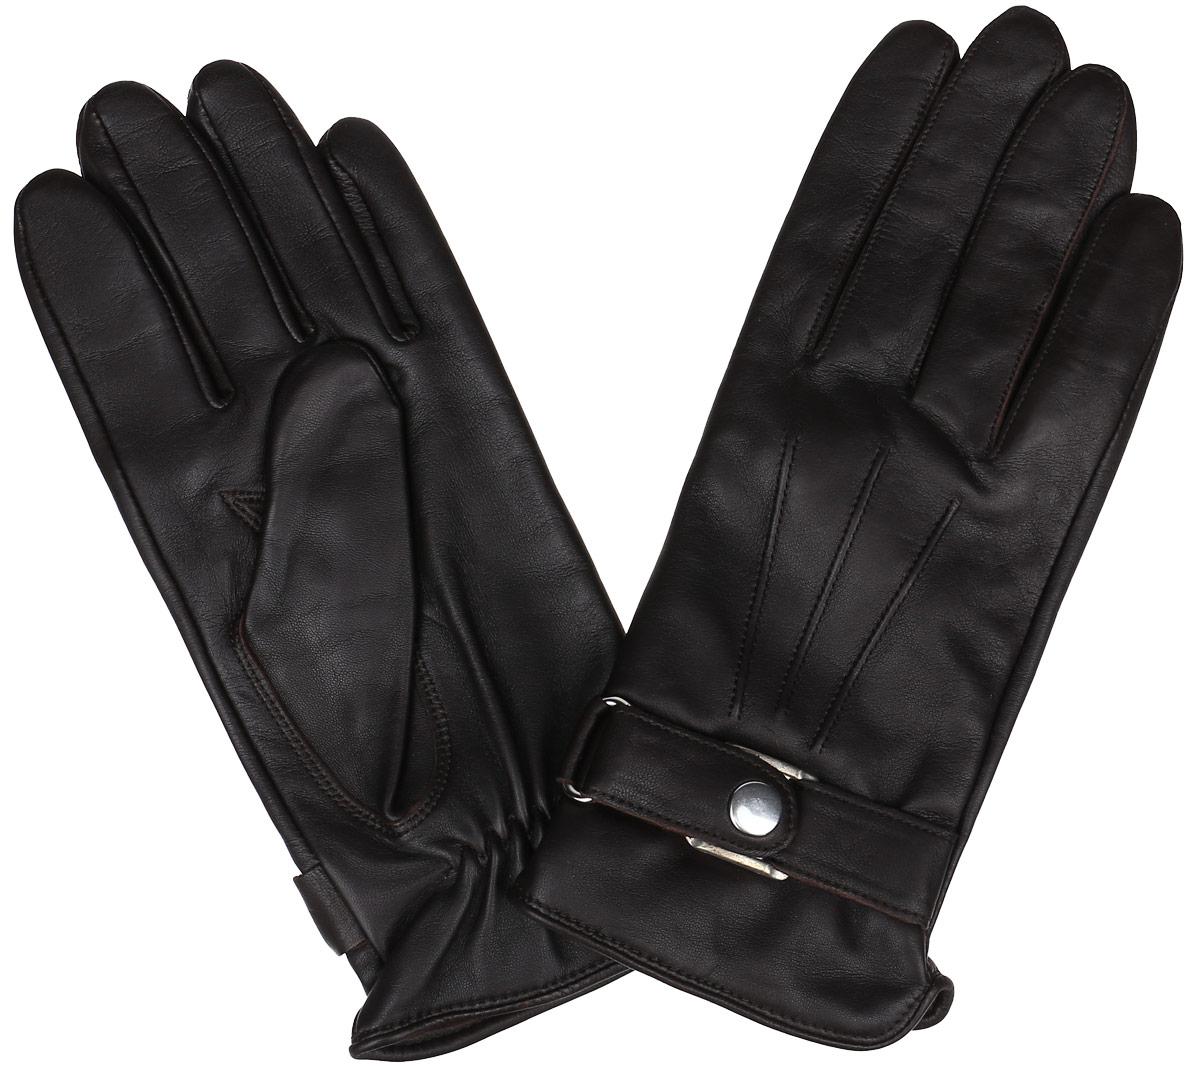 Перчатки мужские. 3606A3606A/10Стильные мужские перчатки Baggini не только защитят ваши руки от холода, но и станут великолепным украшением. Перчатки выполнены из чрезвычайно мягкой и приятной на ощупь натуральной кожи на подкладке из акриловой пряжи. С внешней стороны перчатки дополнены декоративным хлястиком на кнопке. В настоящее время перчатки являются неотъемлемой принадлежностью одежды. Перчатки станут завершающим и подчеркивающим элементом вашего стиля и неповторимости.